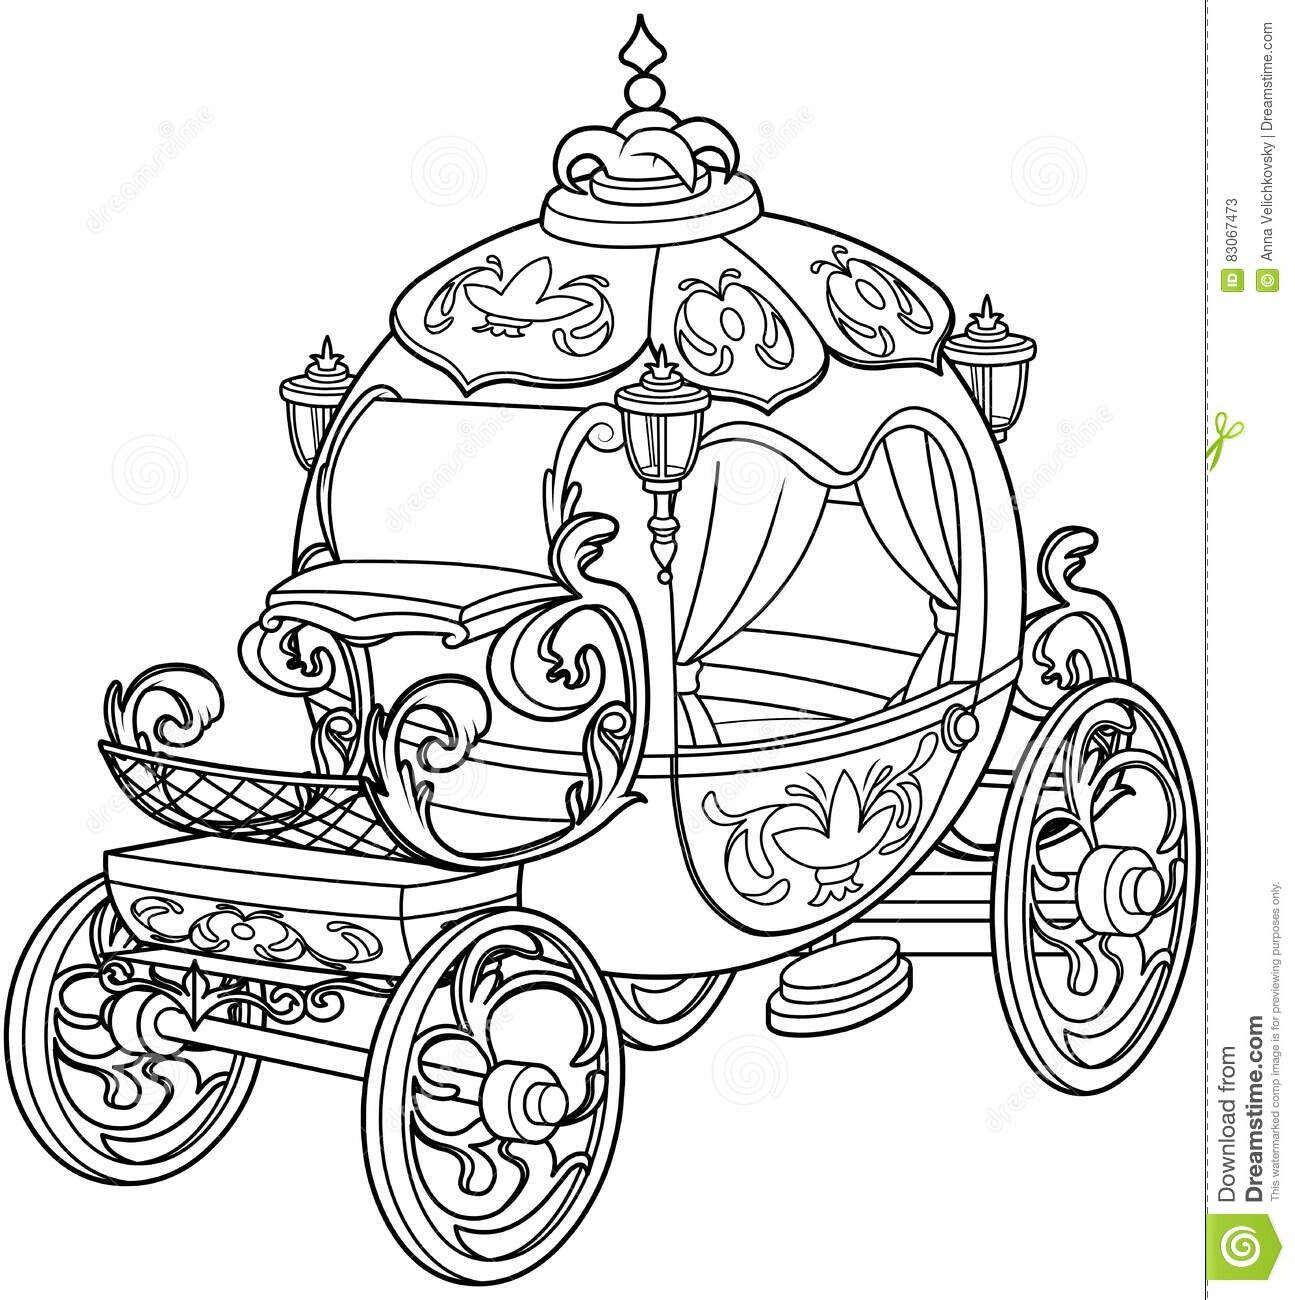 Pin Von Martina Pohlmann Auf Kutsche Disney Malvorlagen Aschenputtel Zeichnung Disney Zeichnen